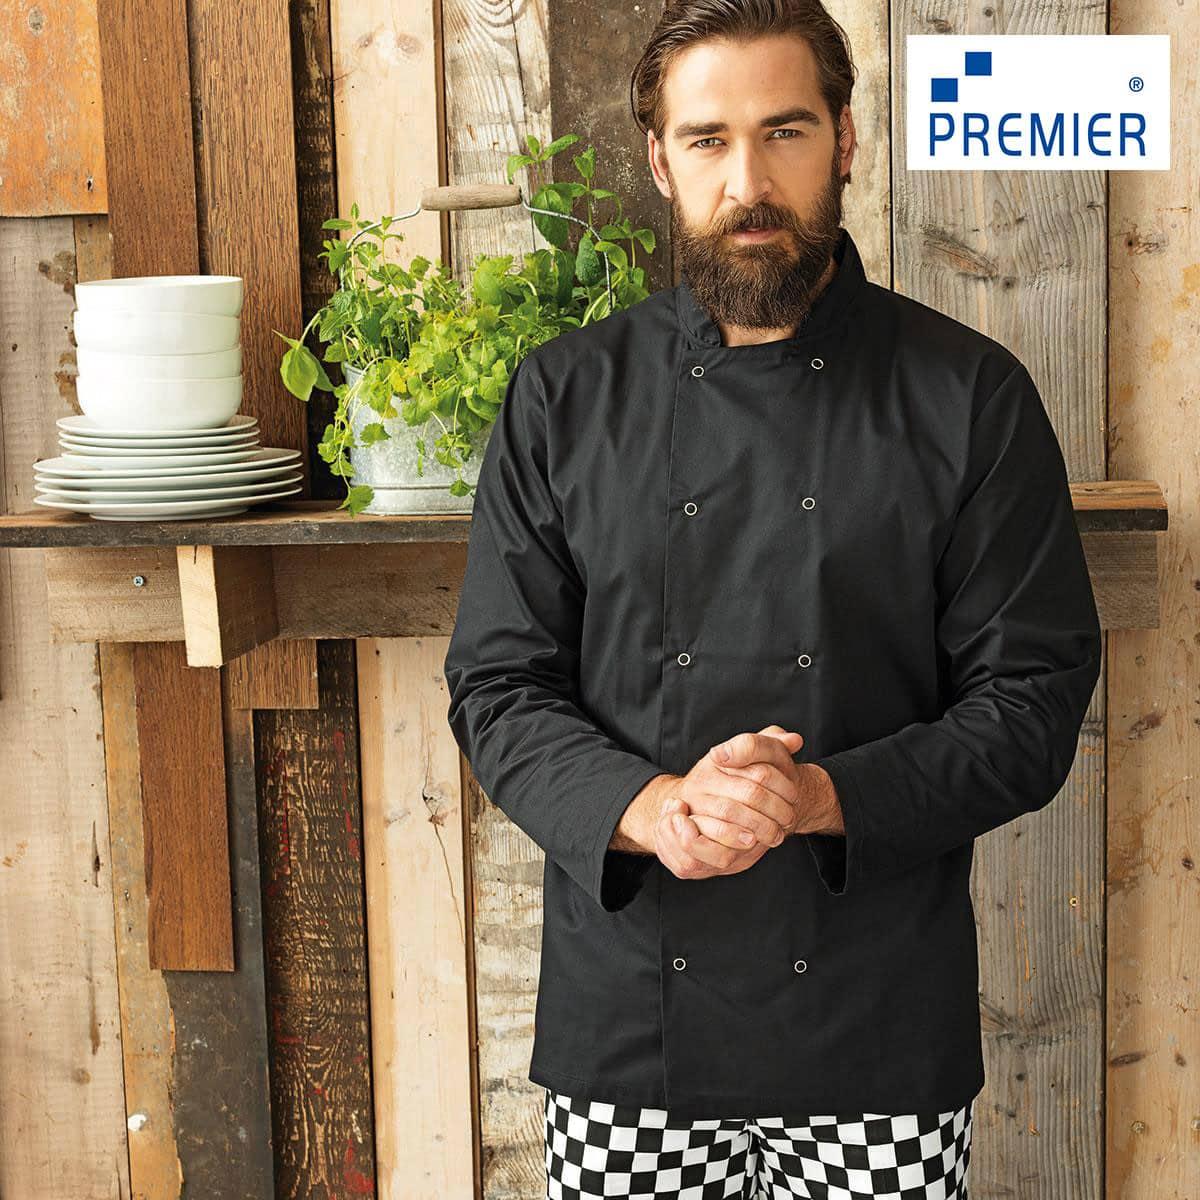 Cuoco con barba e capelli raccolti, con pantaloni a scacchi, giacca nera con collo alla coreana e manica lunga